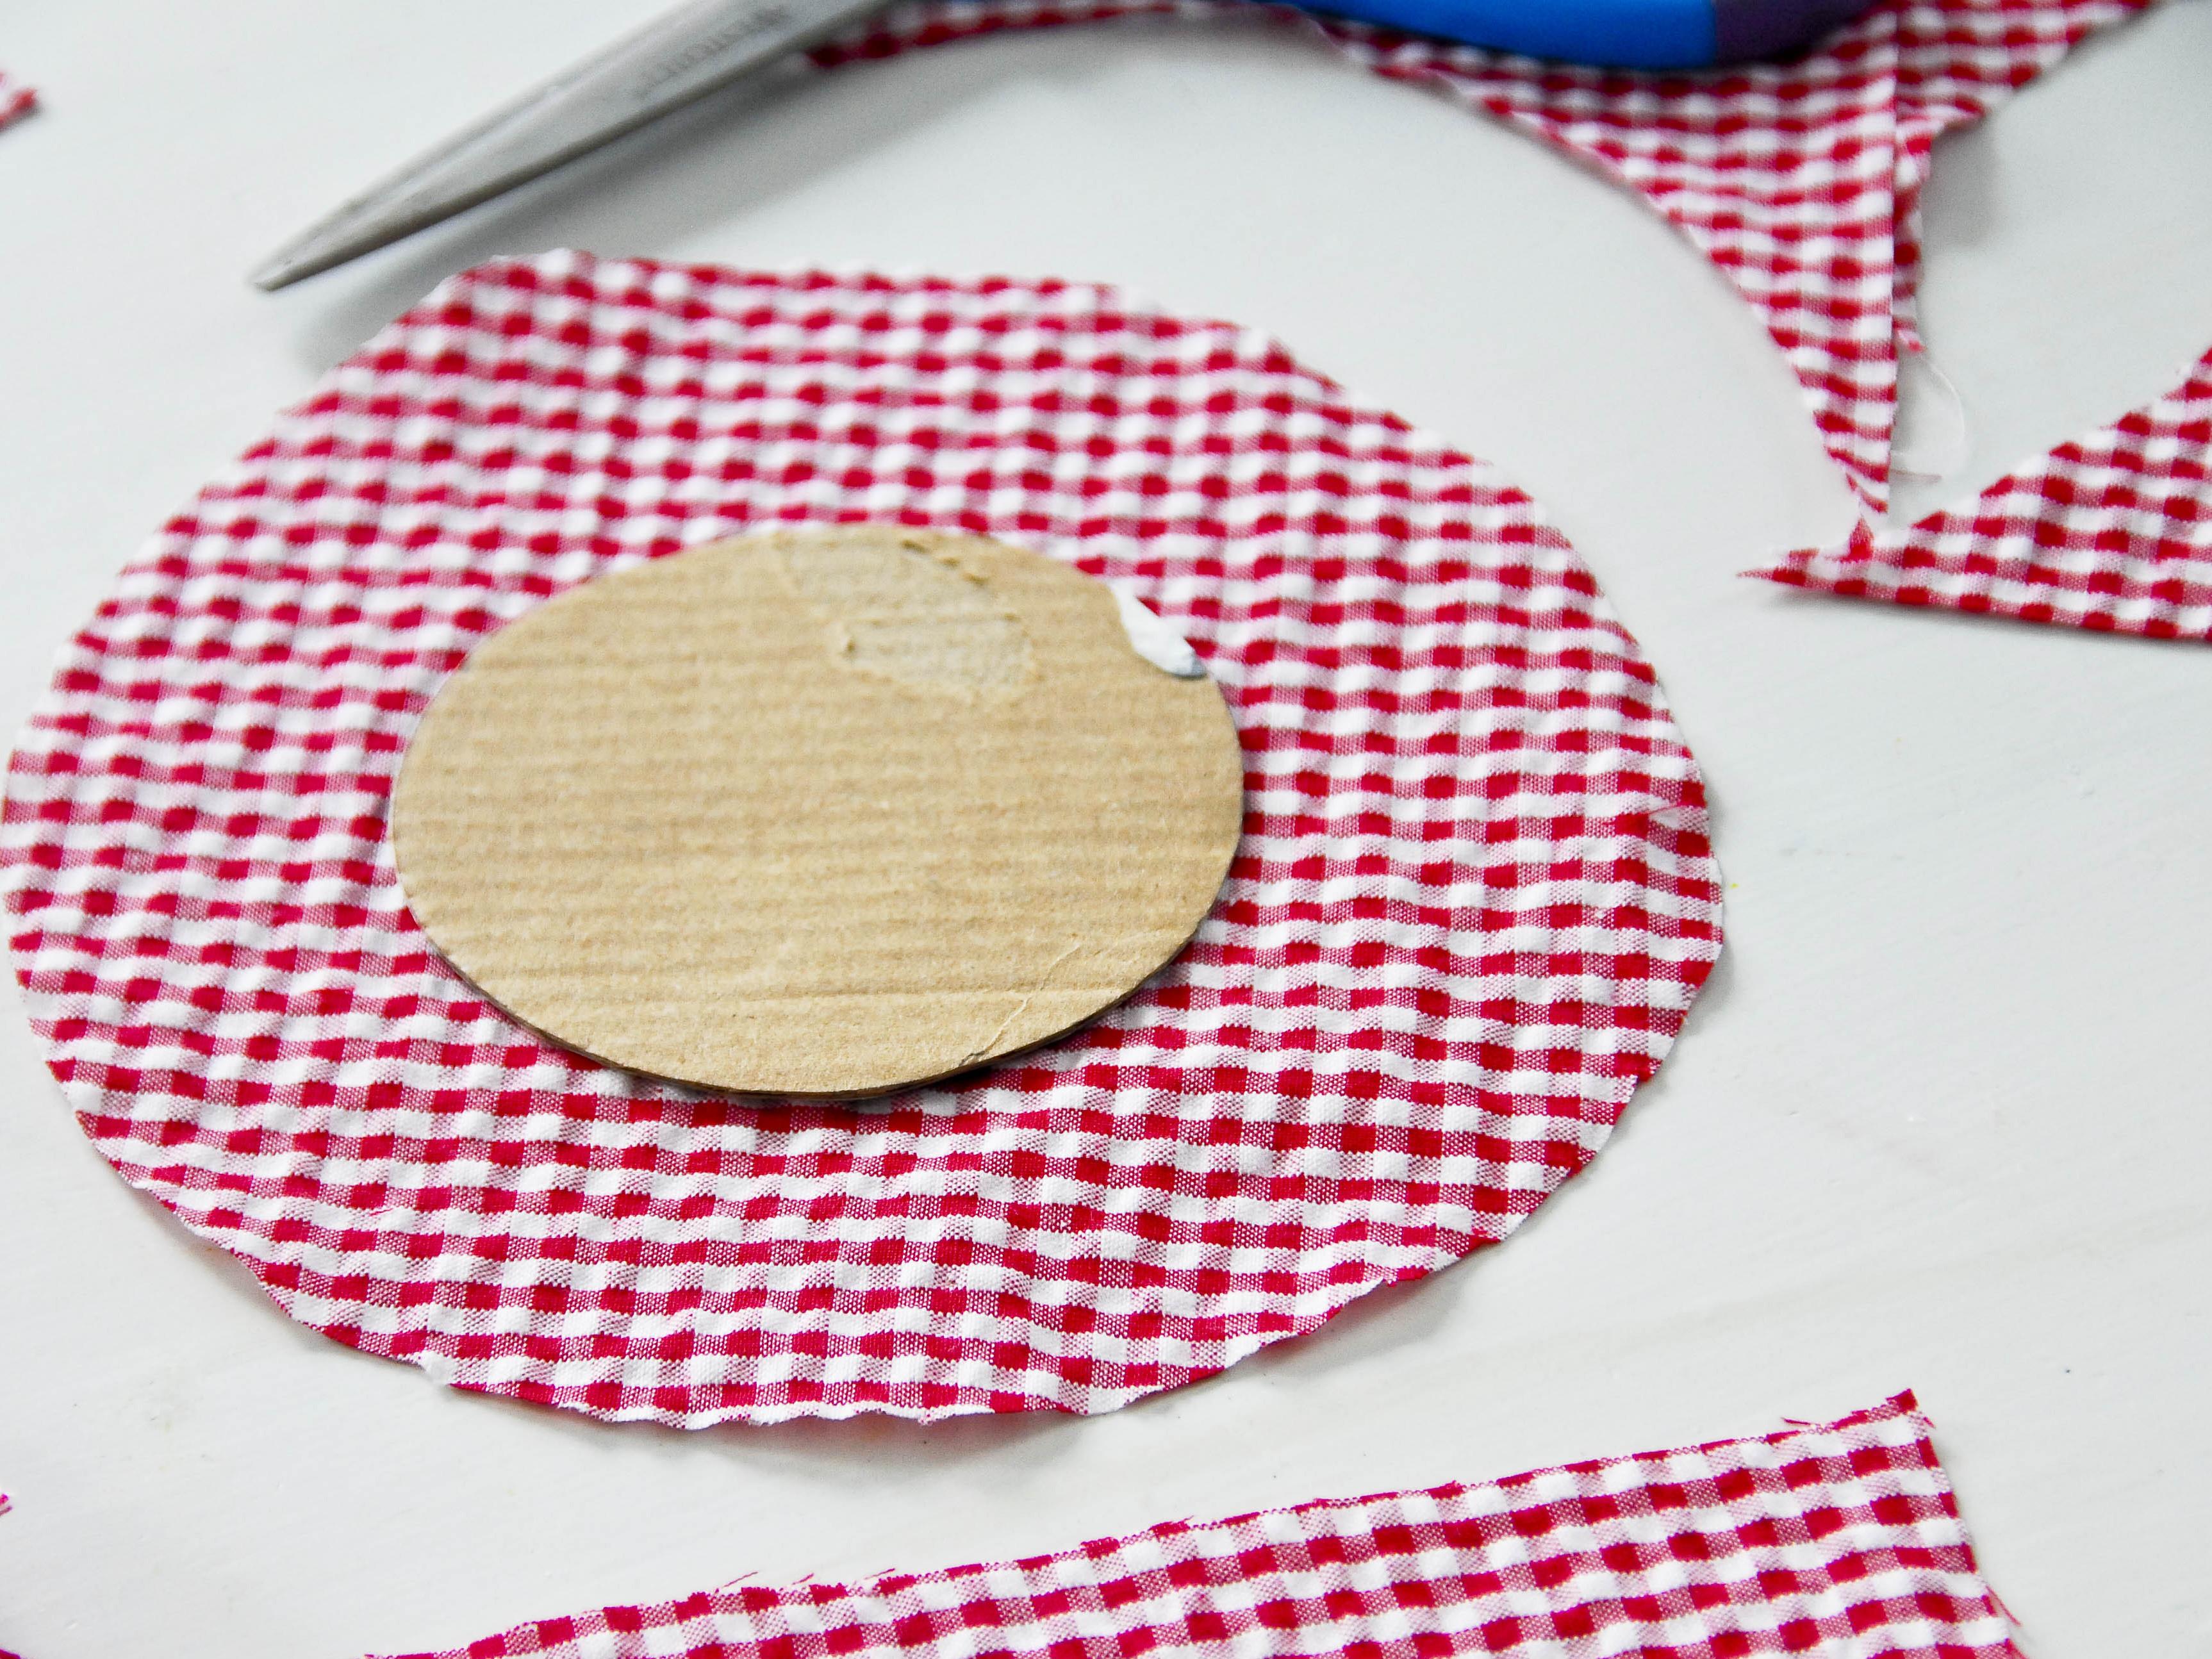 Sewing kit in aJar